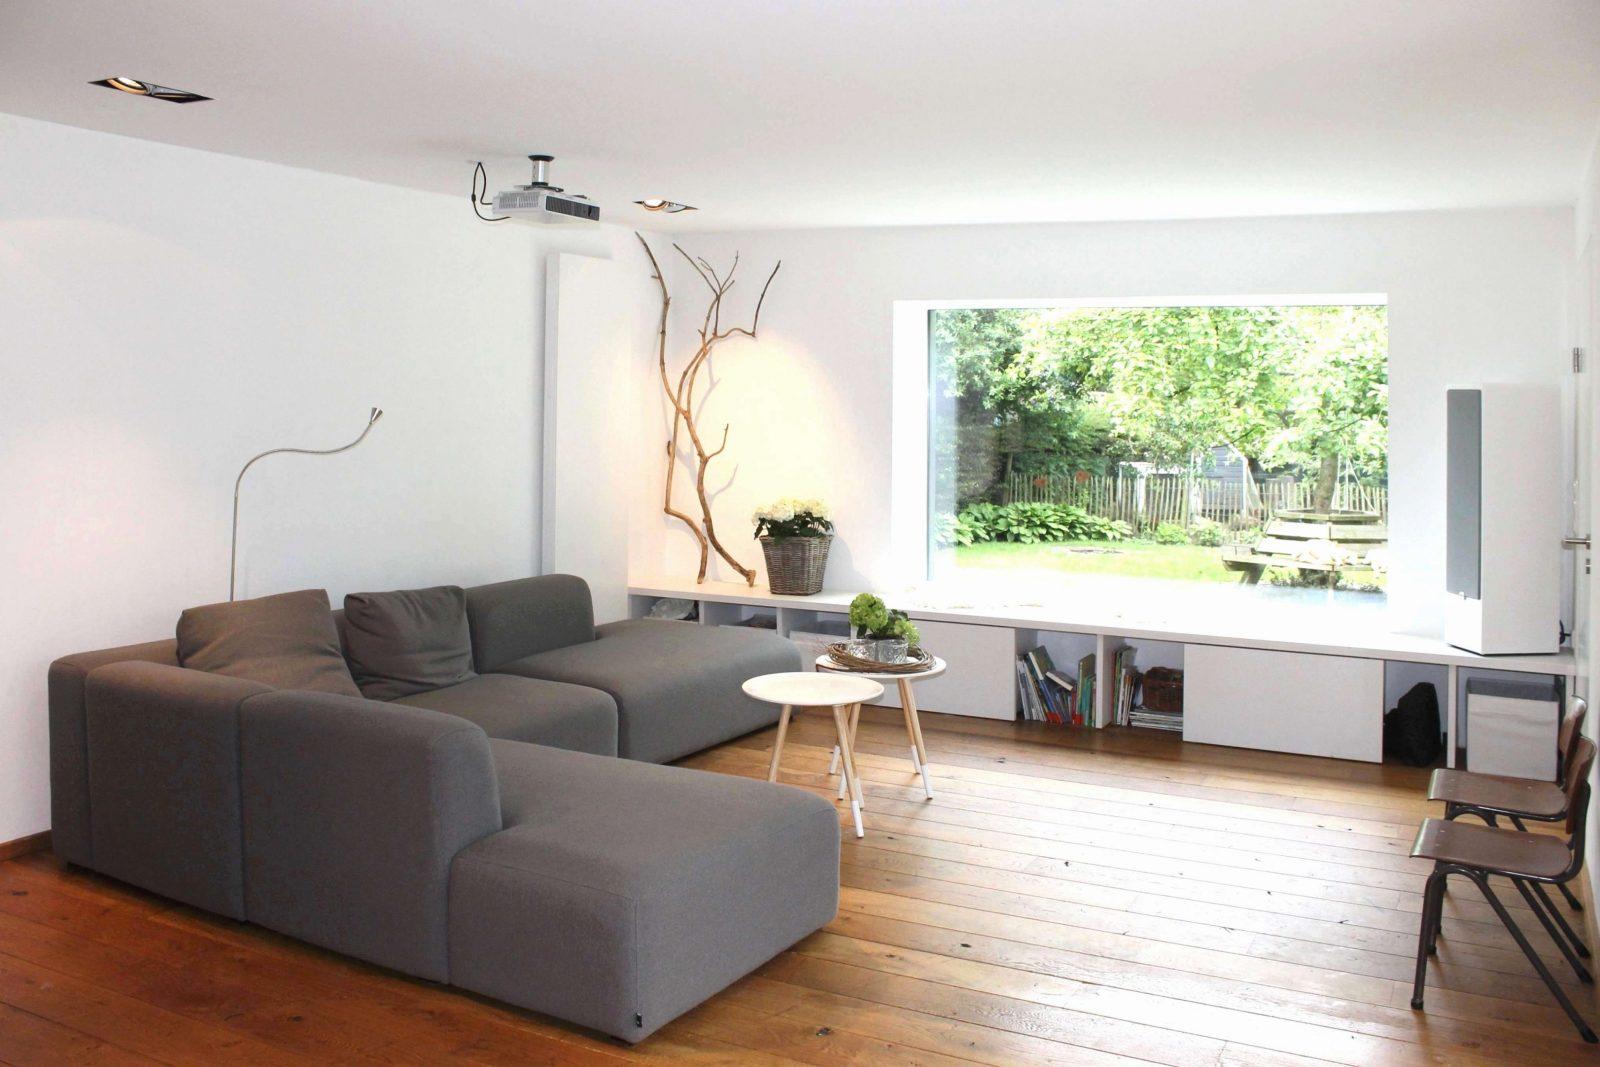 25 Tolle Von Wanddeko Wohnzimmer Ideen Design von Wanddeko Ideen Mit Farbe Photo